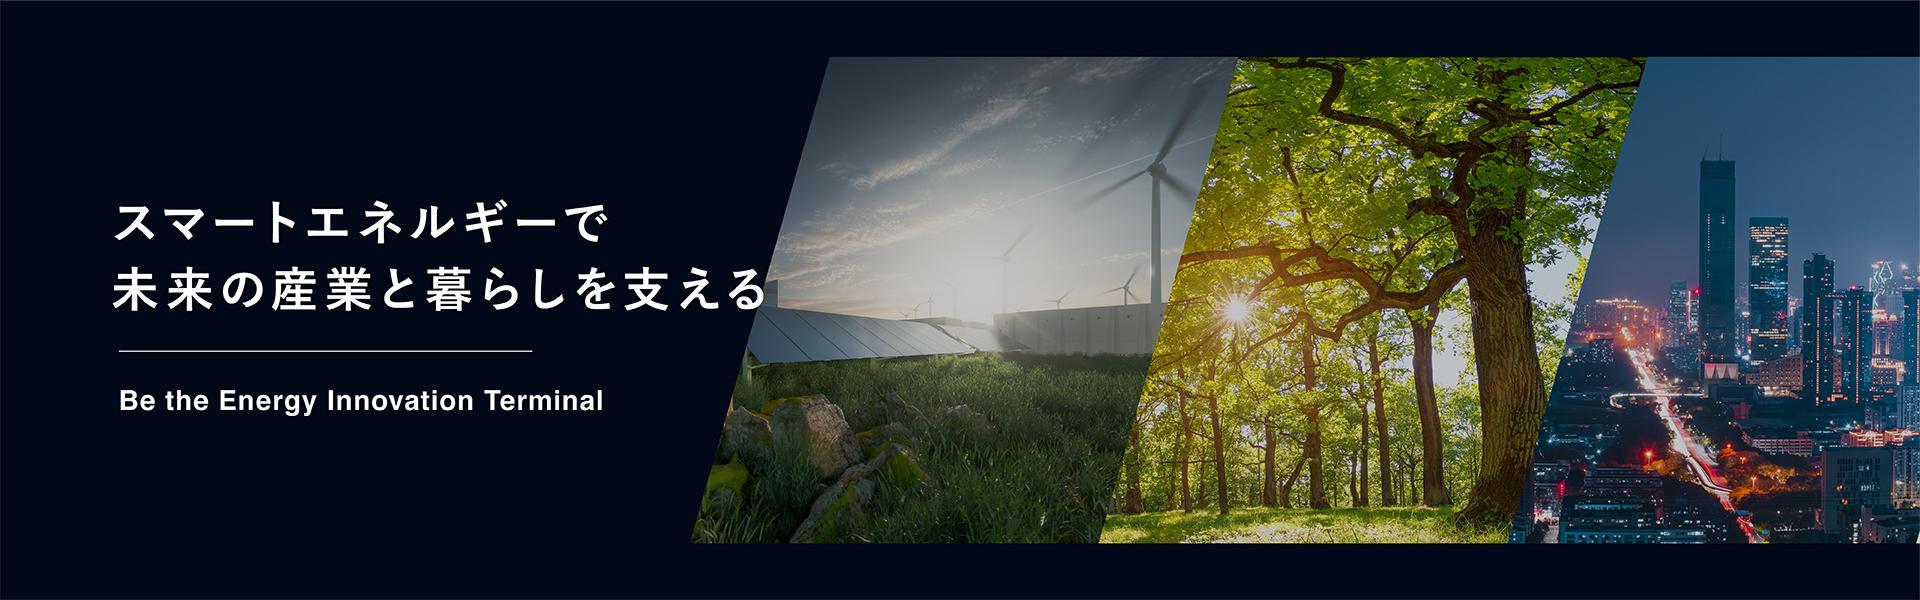 スマートエネルギーで未来の産業と暮らしを支える